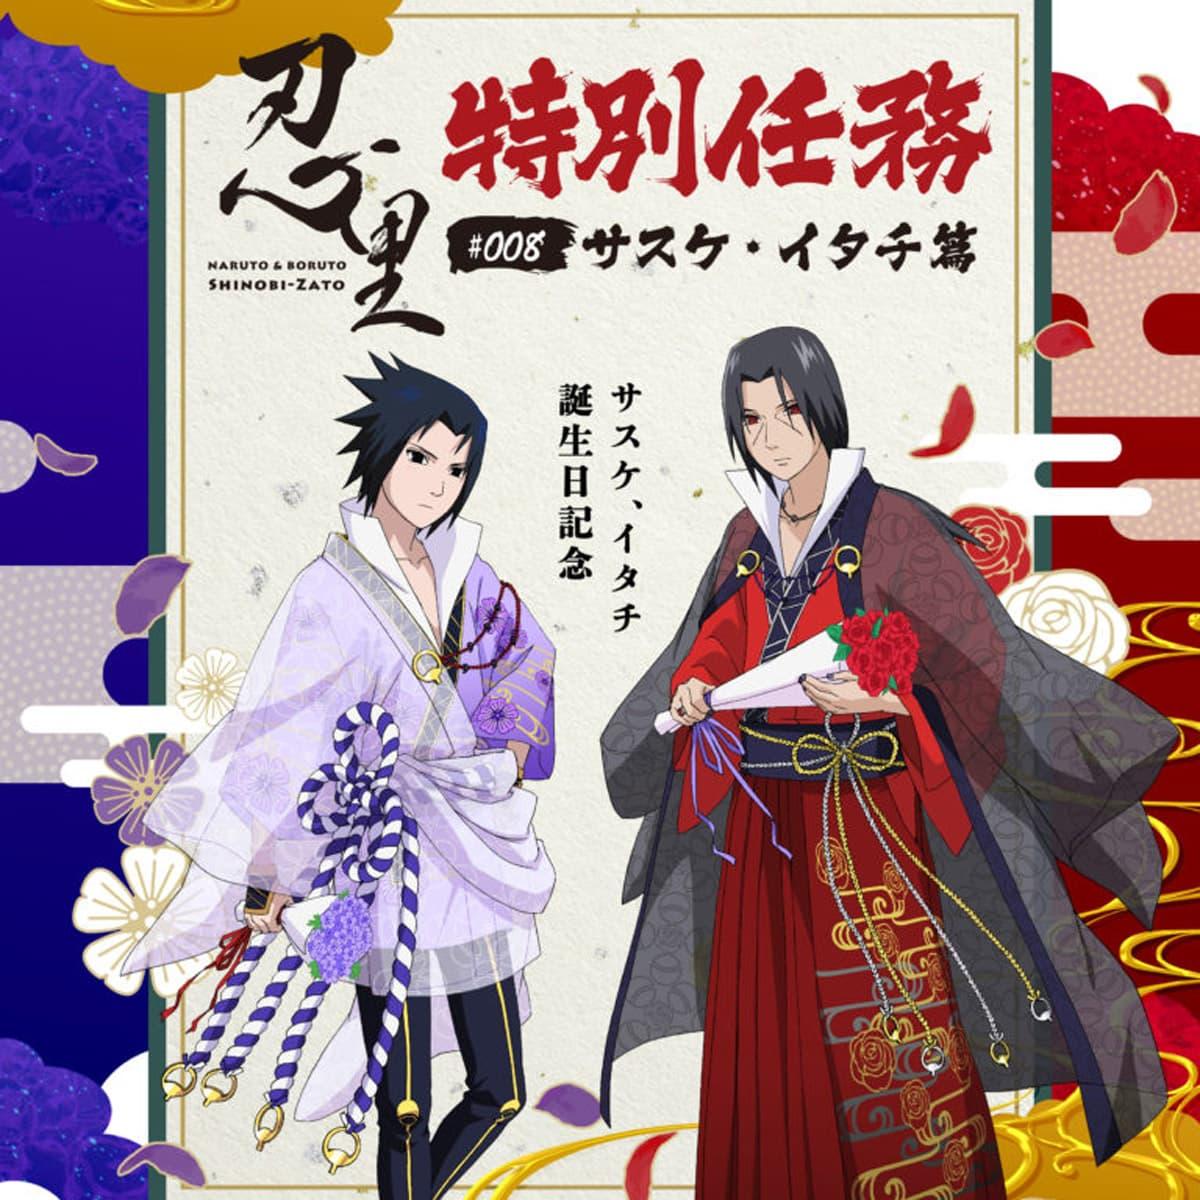 サスケ&イタチ誕生日イベント NARUTO&BORUTO忍里